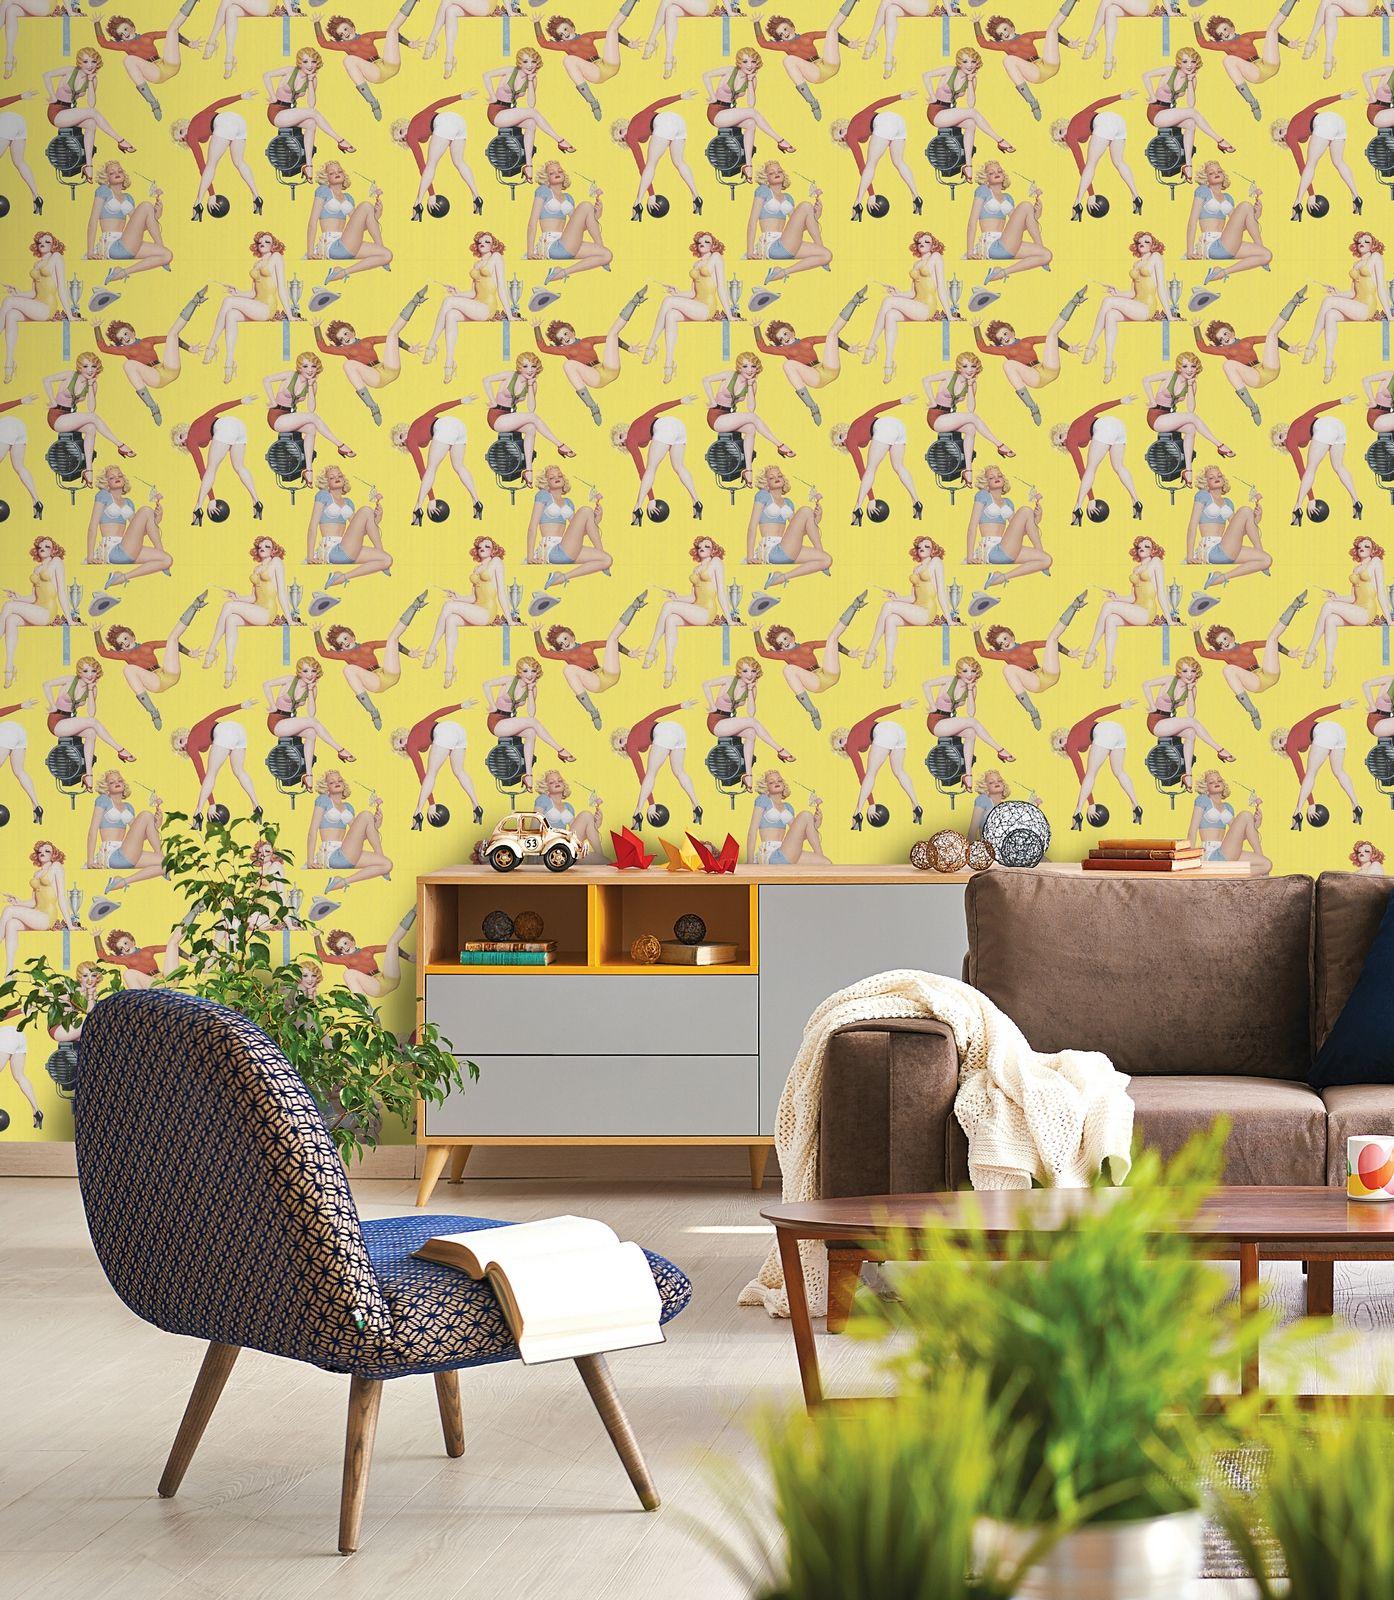 PIN-UP GIRLS Premium Wallpaper